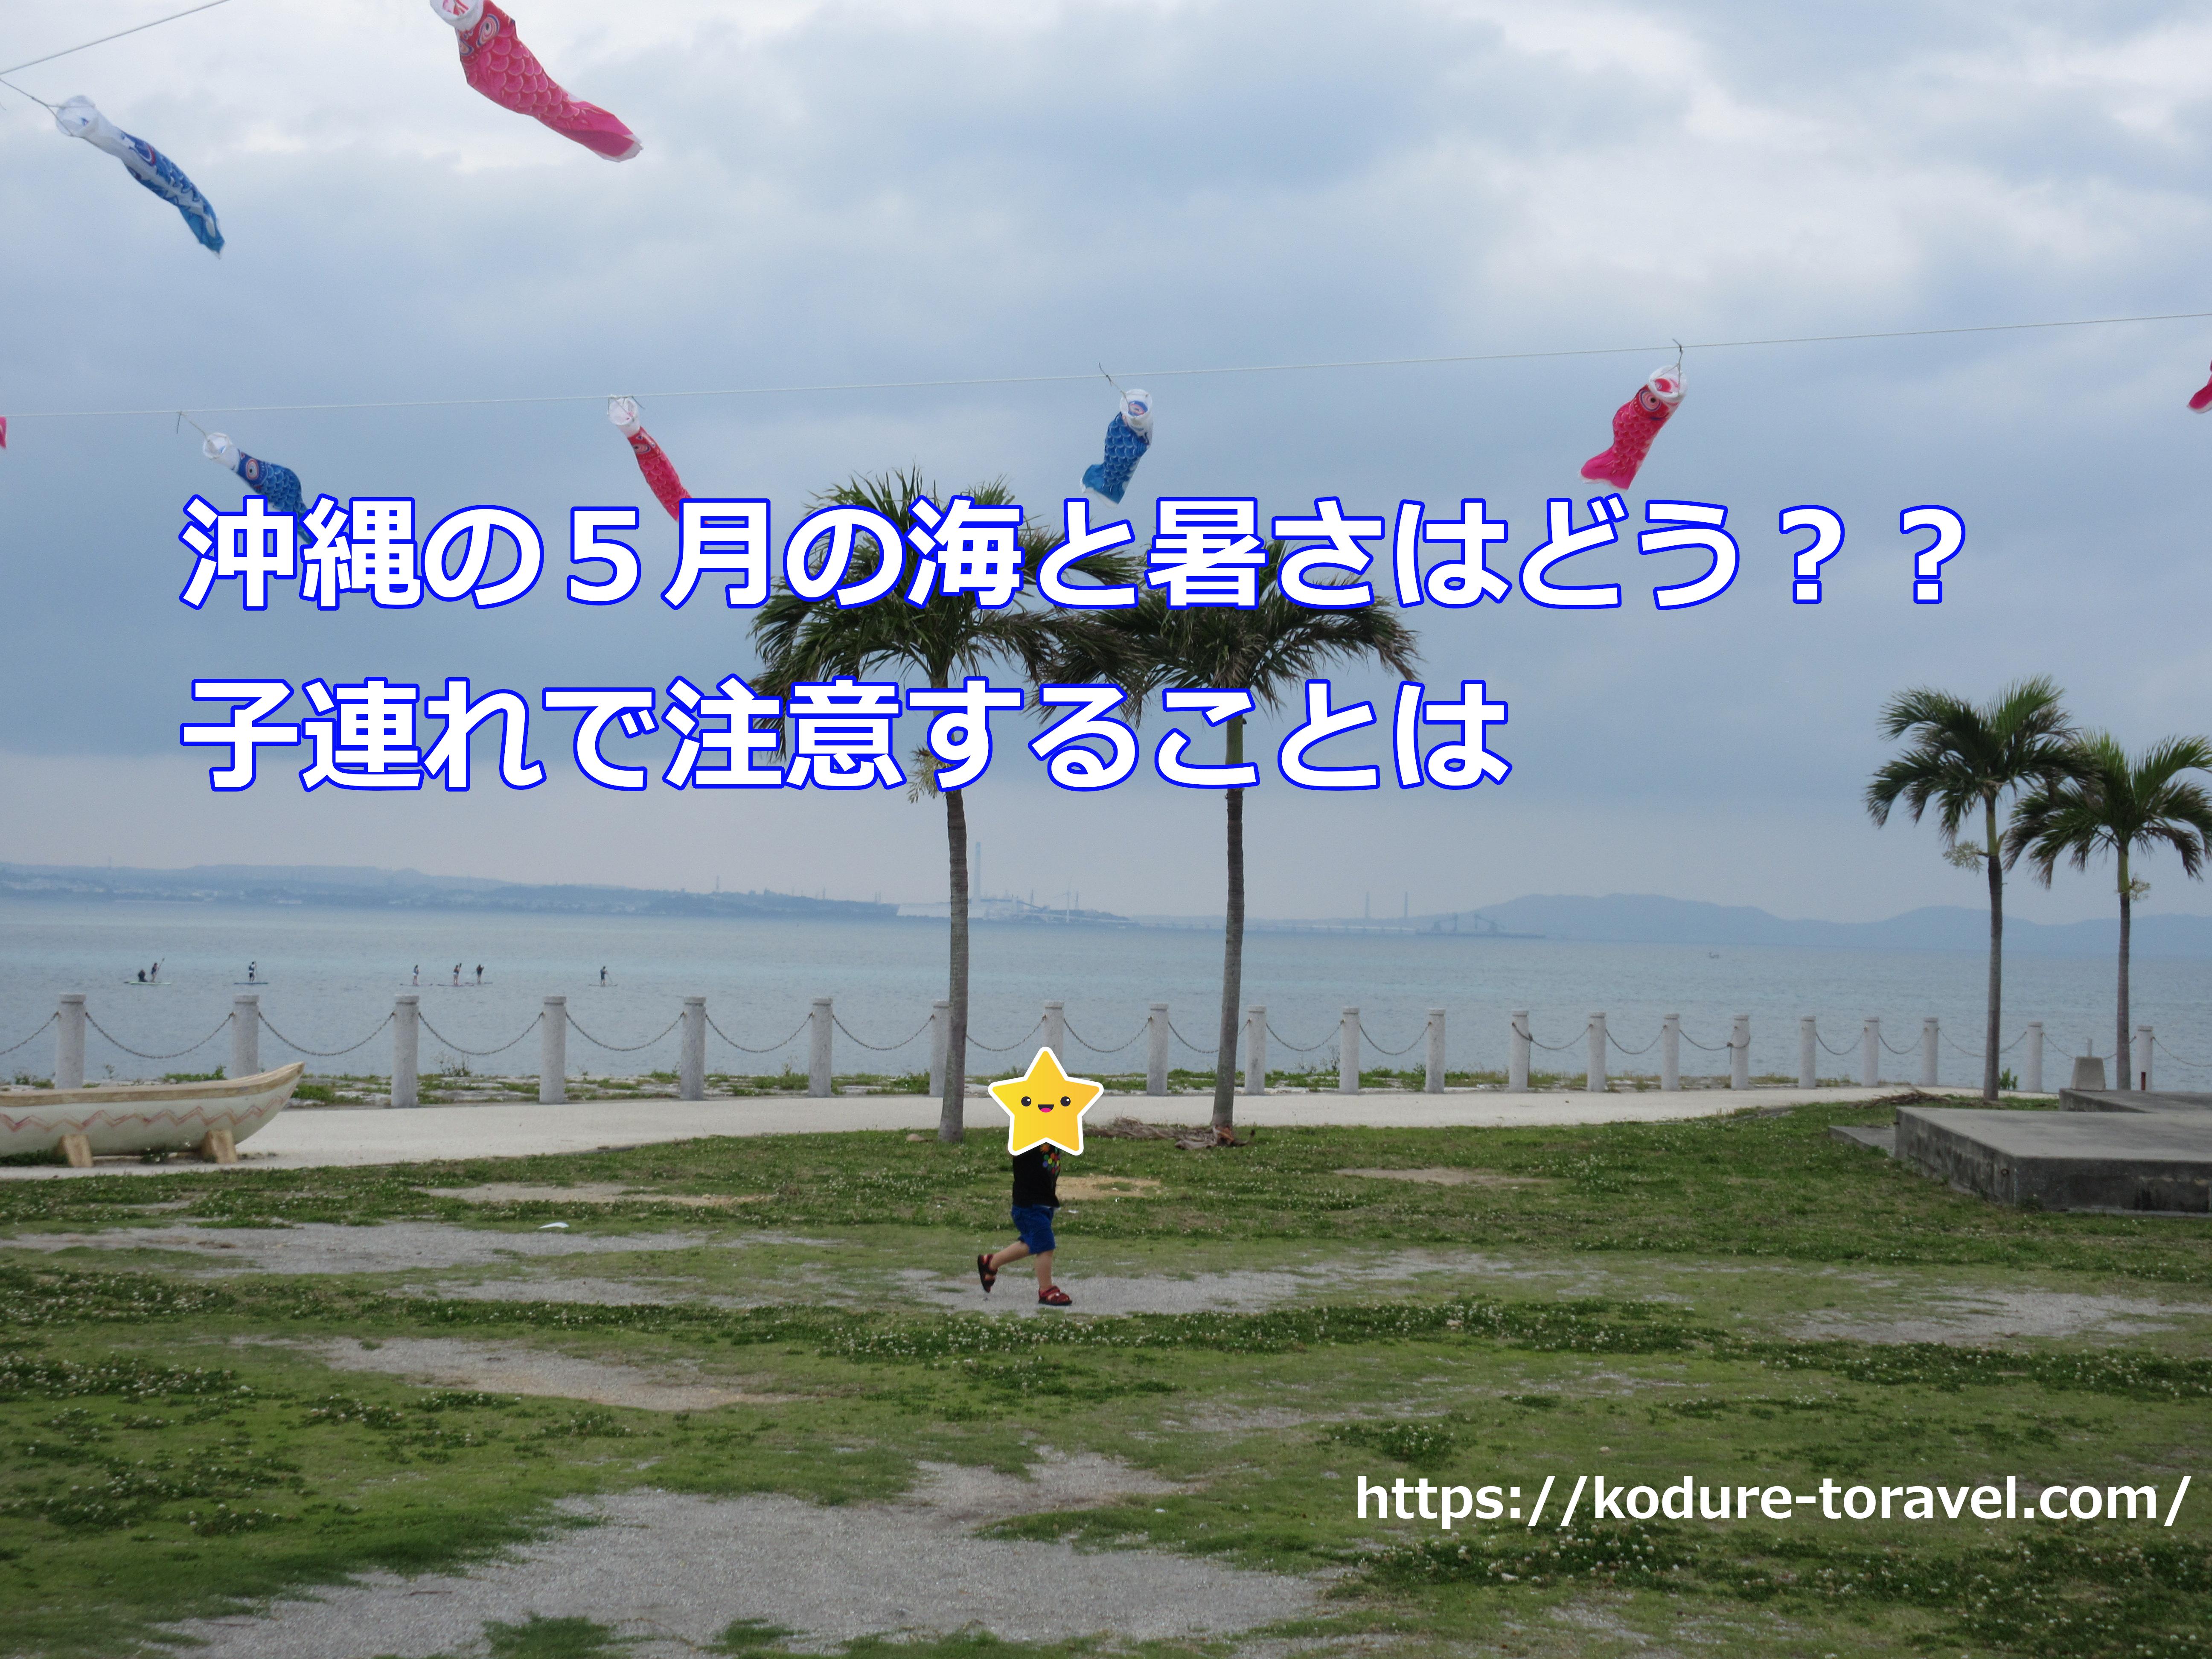 5月の沖縄の暑さと気候